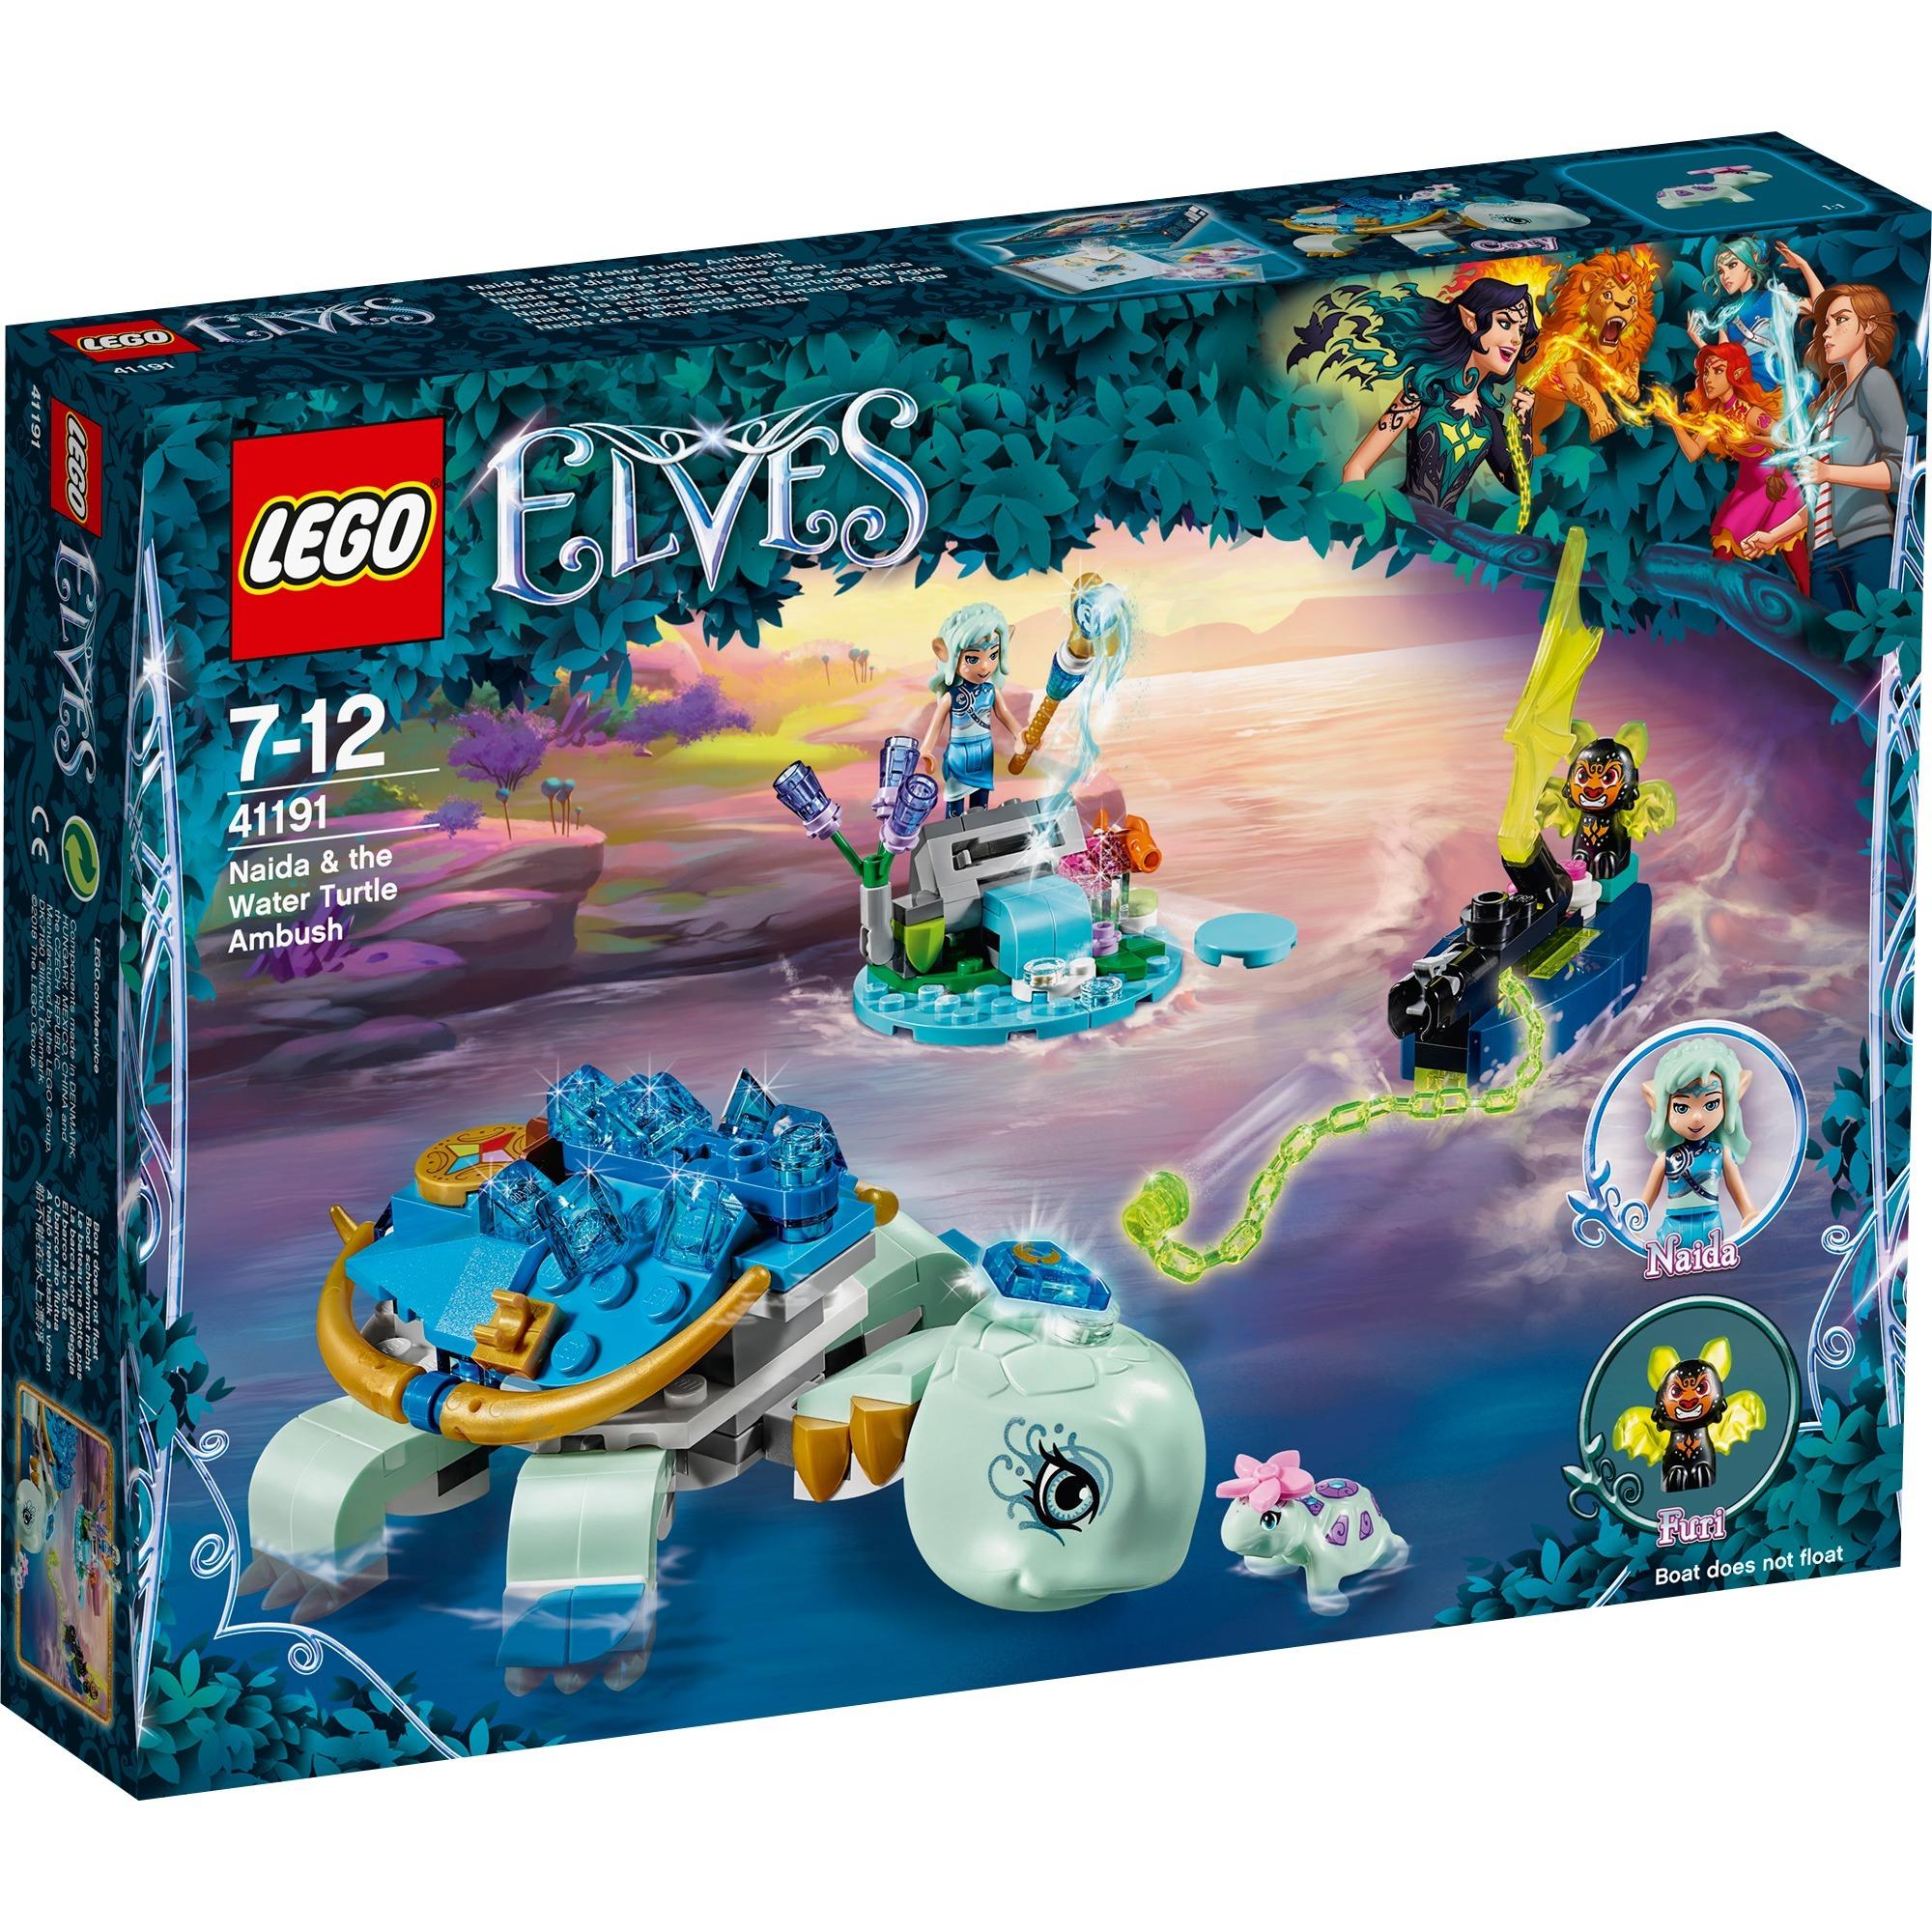 LEGO Elves - Naida y la Emboscada de la Tortuga - 41191